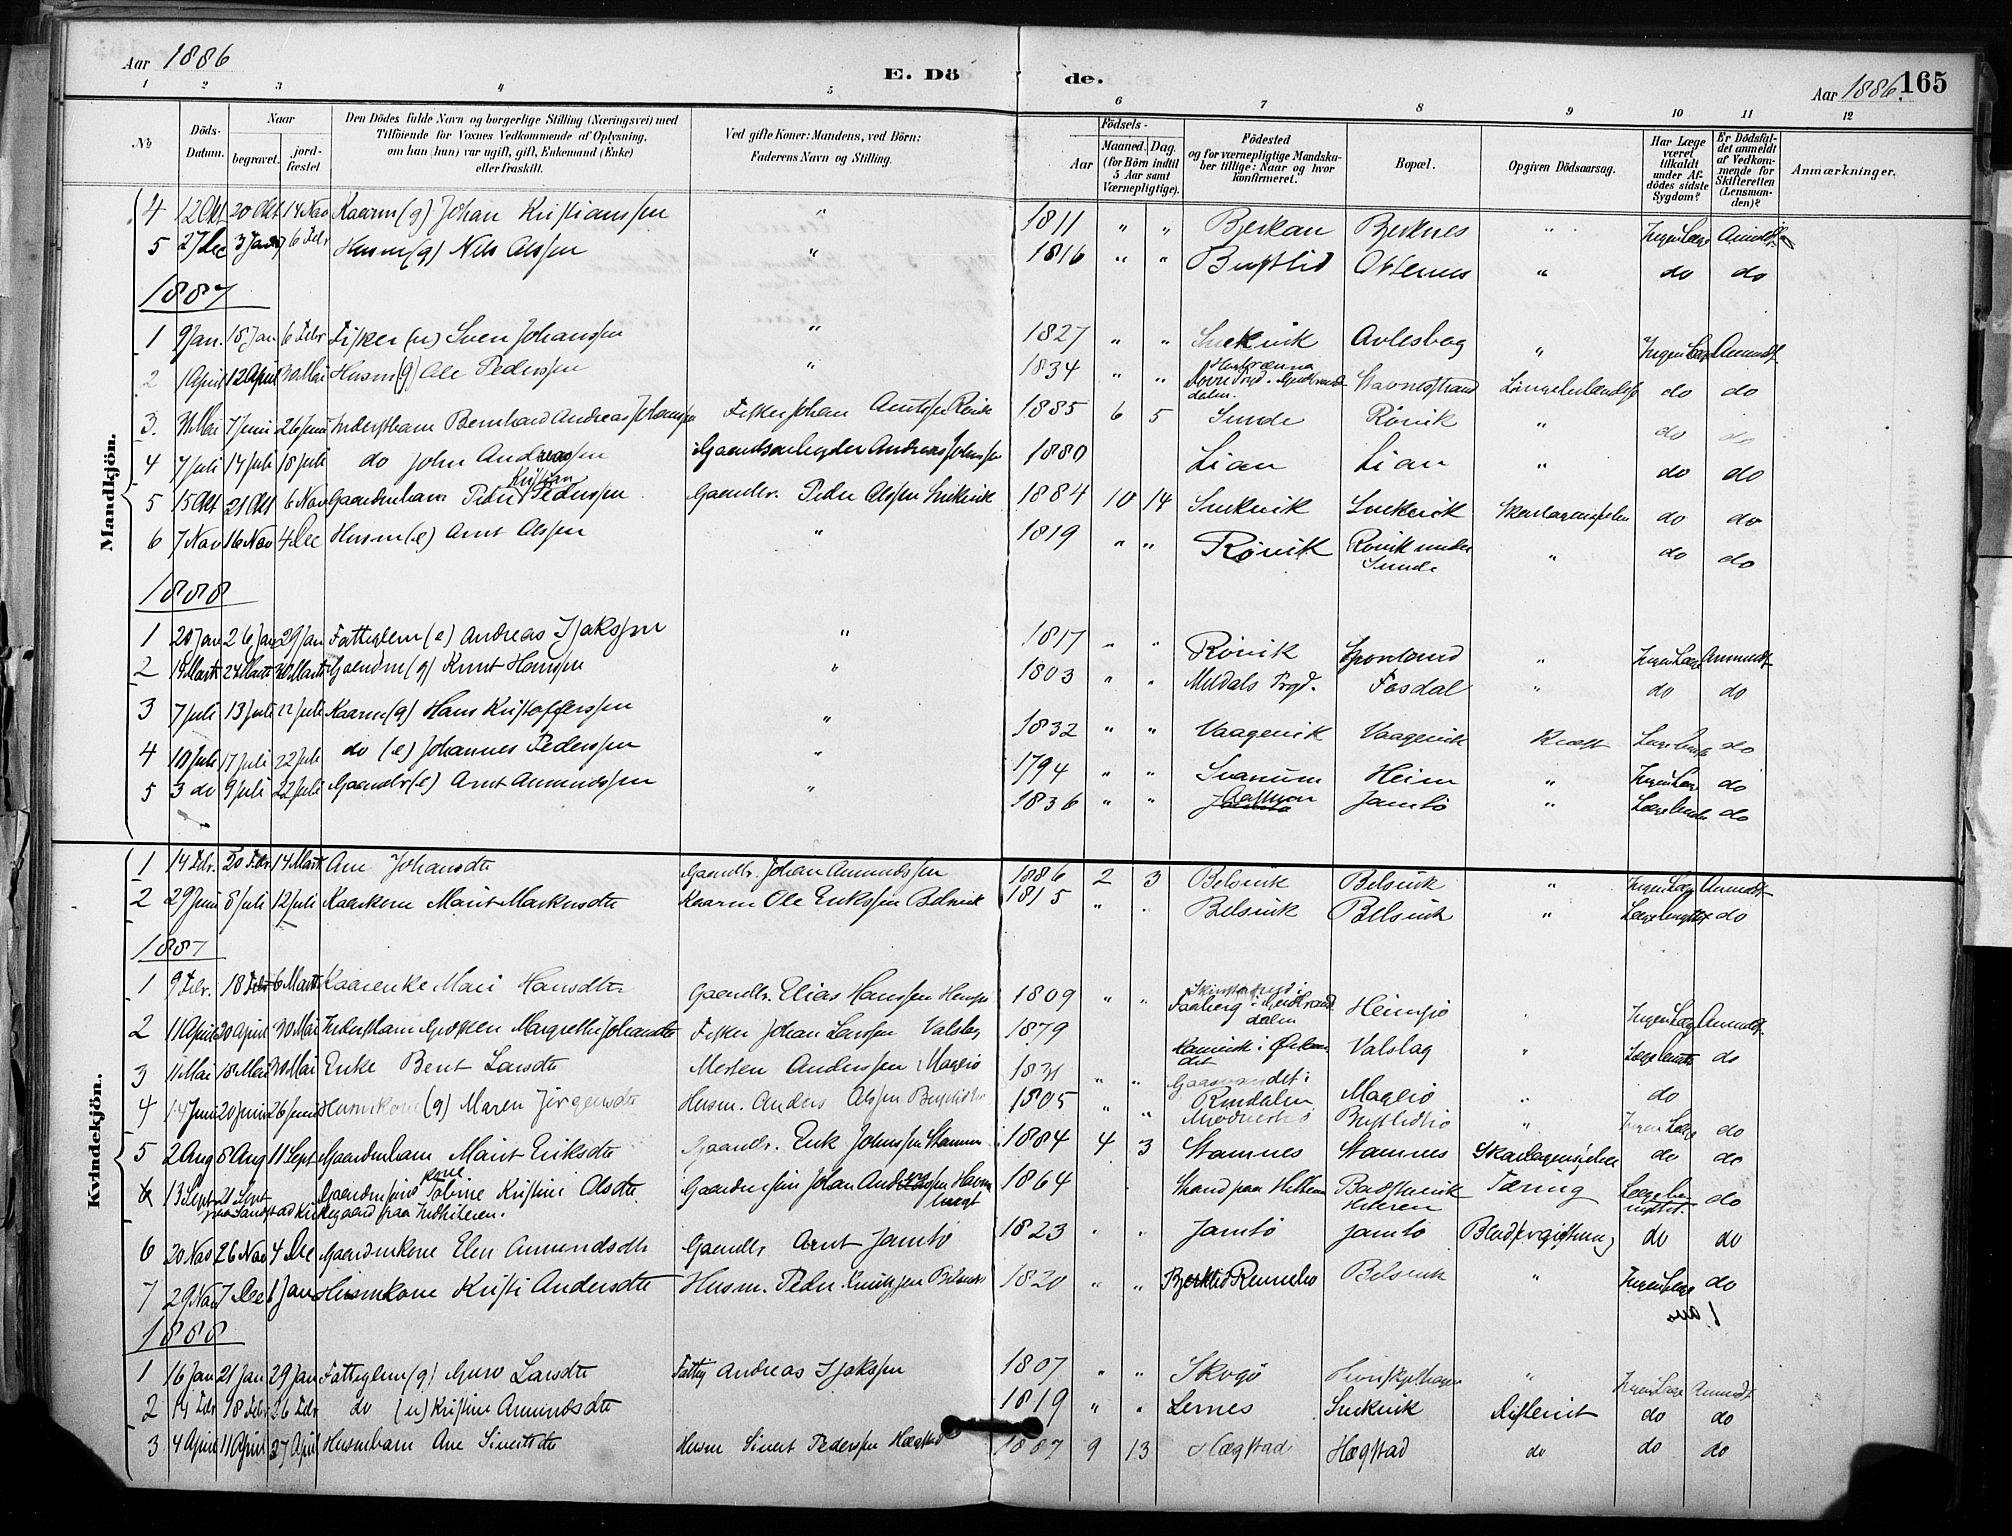 SAT, Ministerialprotokoller, klokkerbøker og fødselsregistre - Sør-Trøndelag, 633/L0518: Ministerialbok nr. 633A01, 1884-1906, s. 165